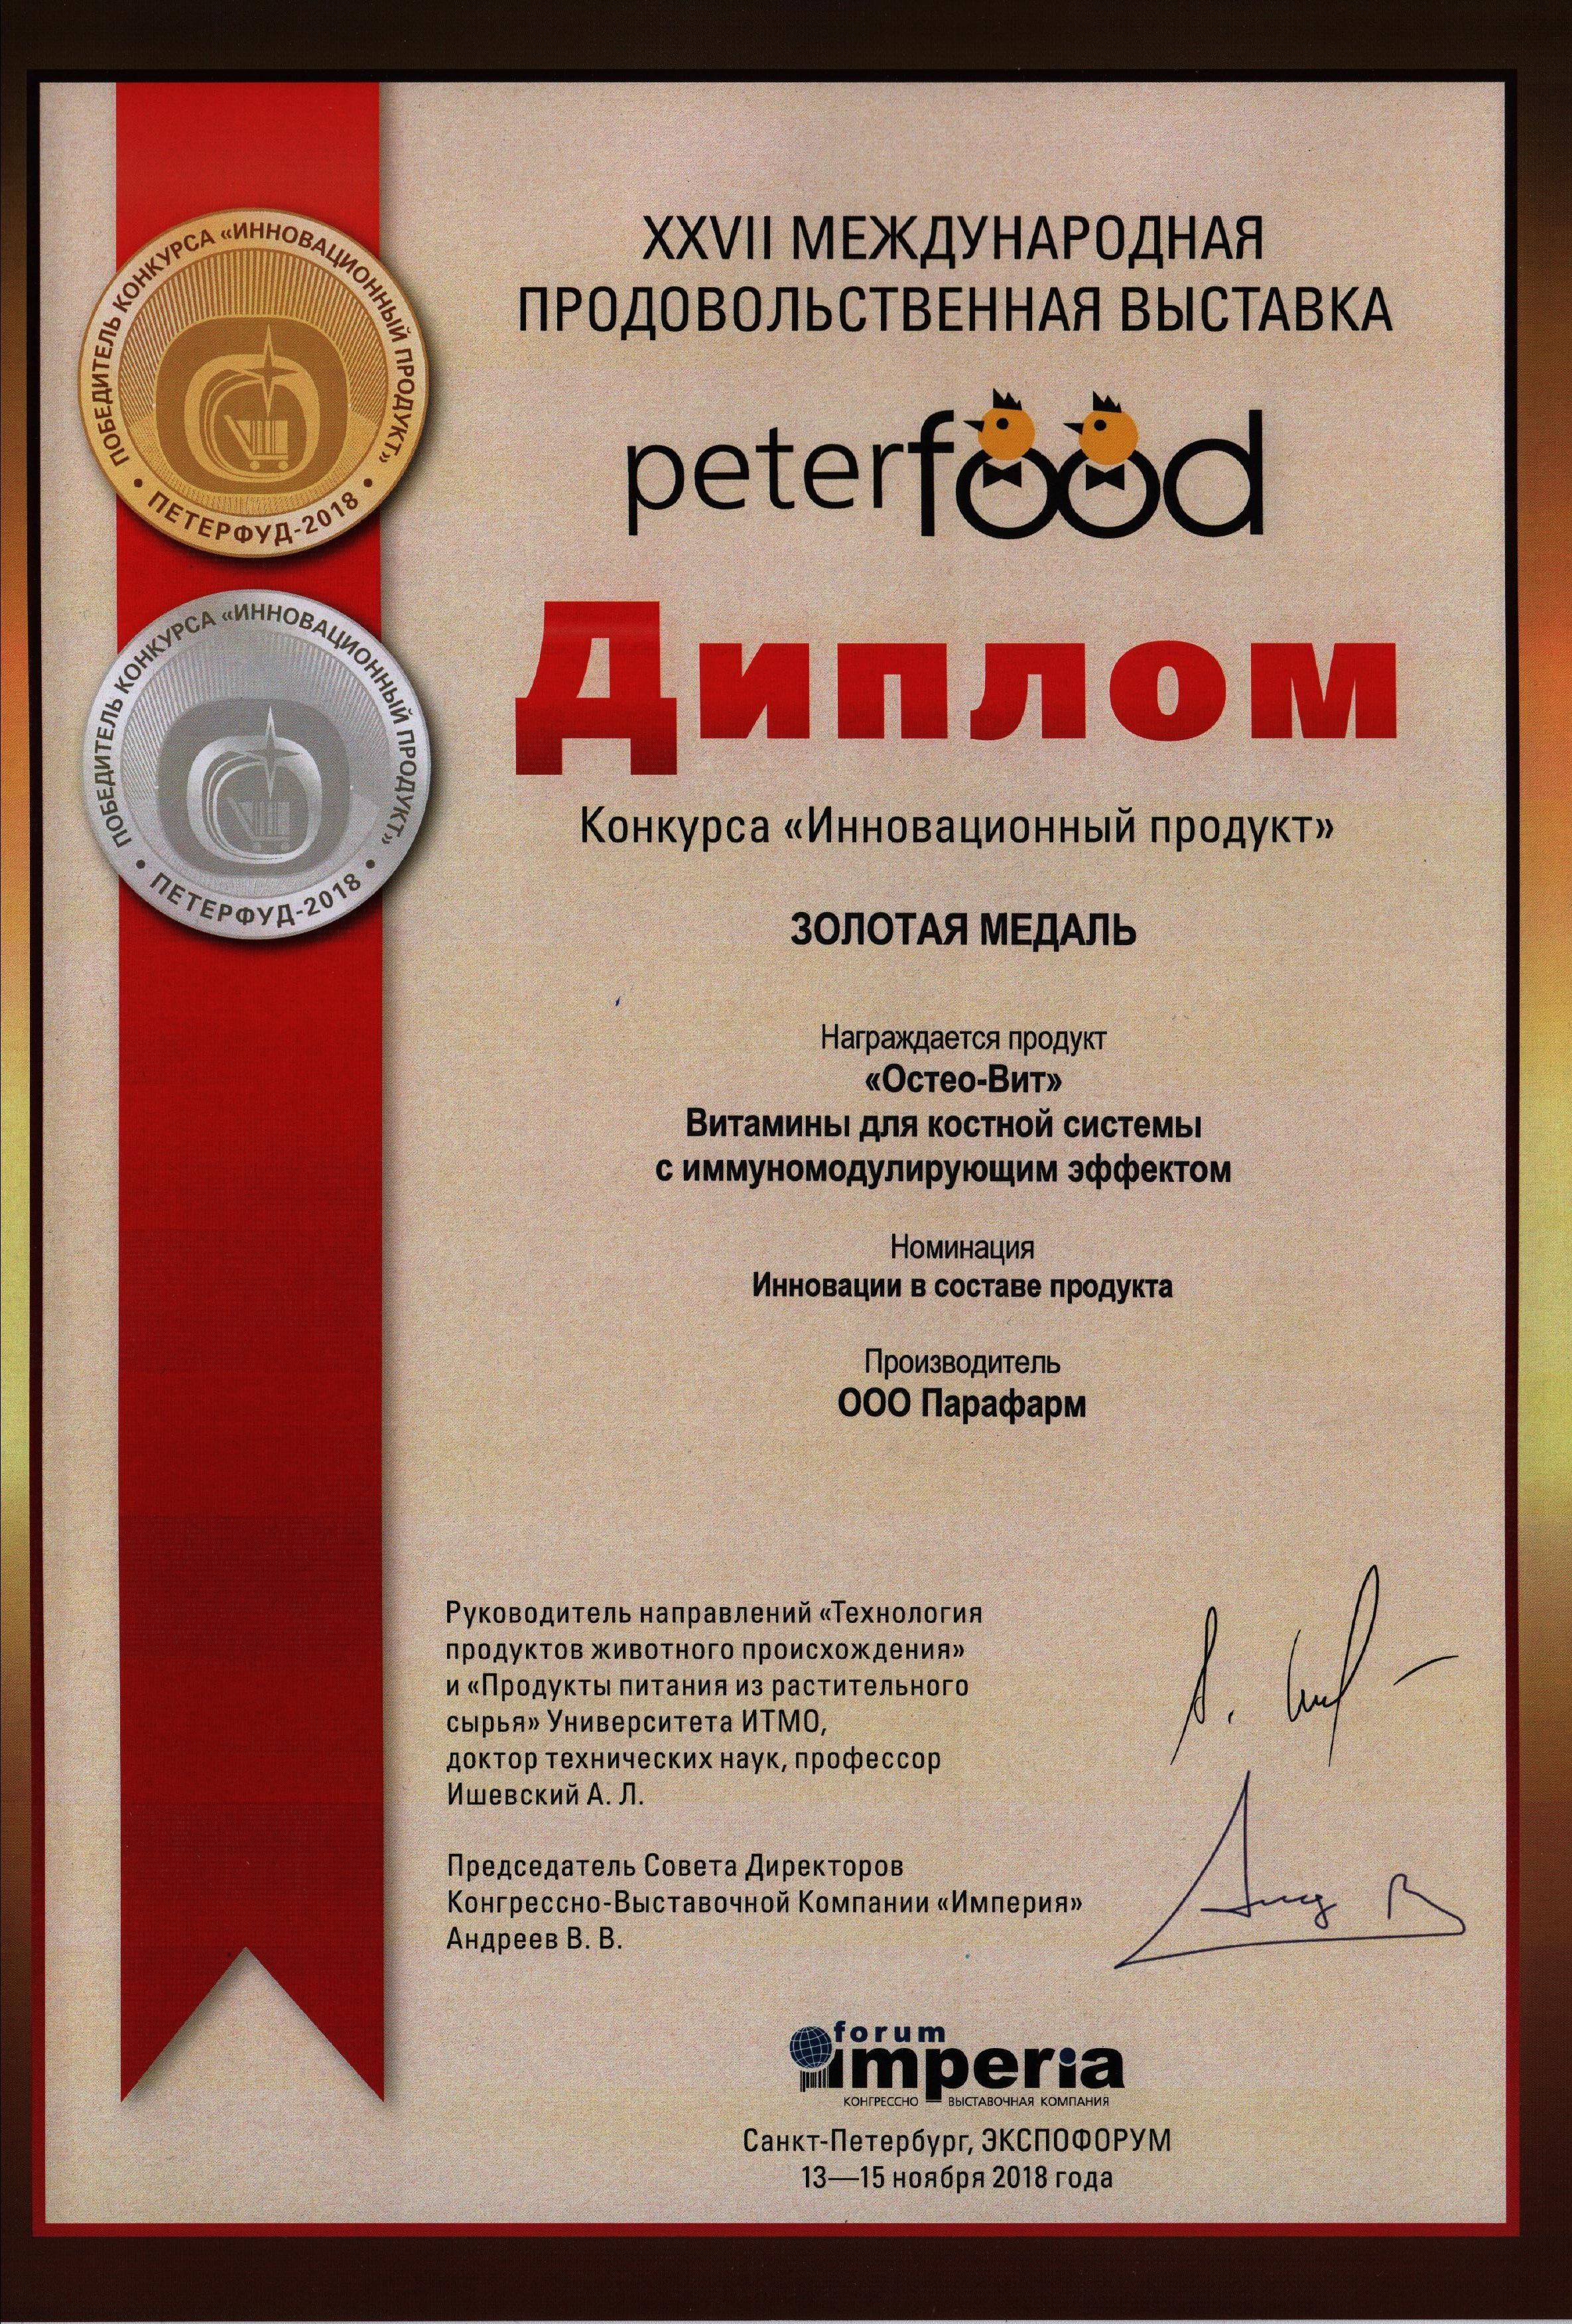 диплом золотая медаль инновационный продукт остеовит 2018